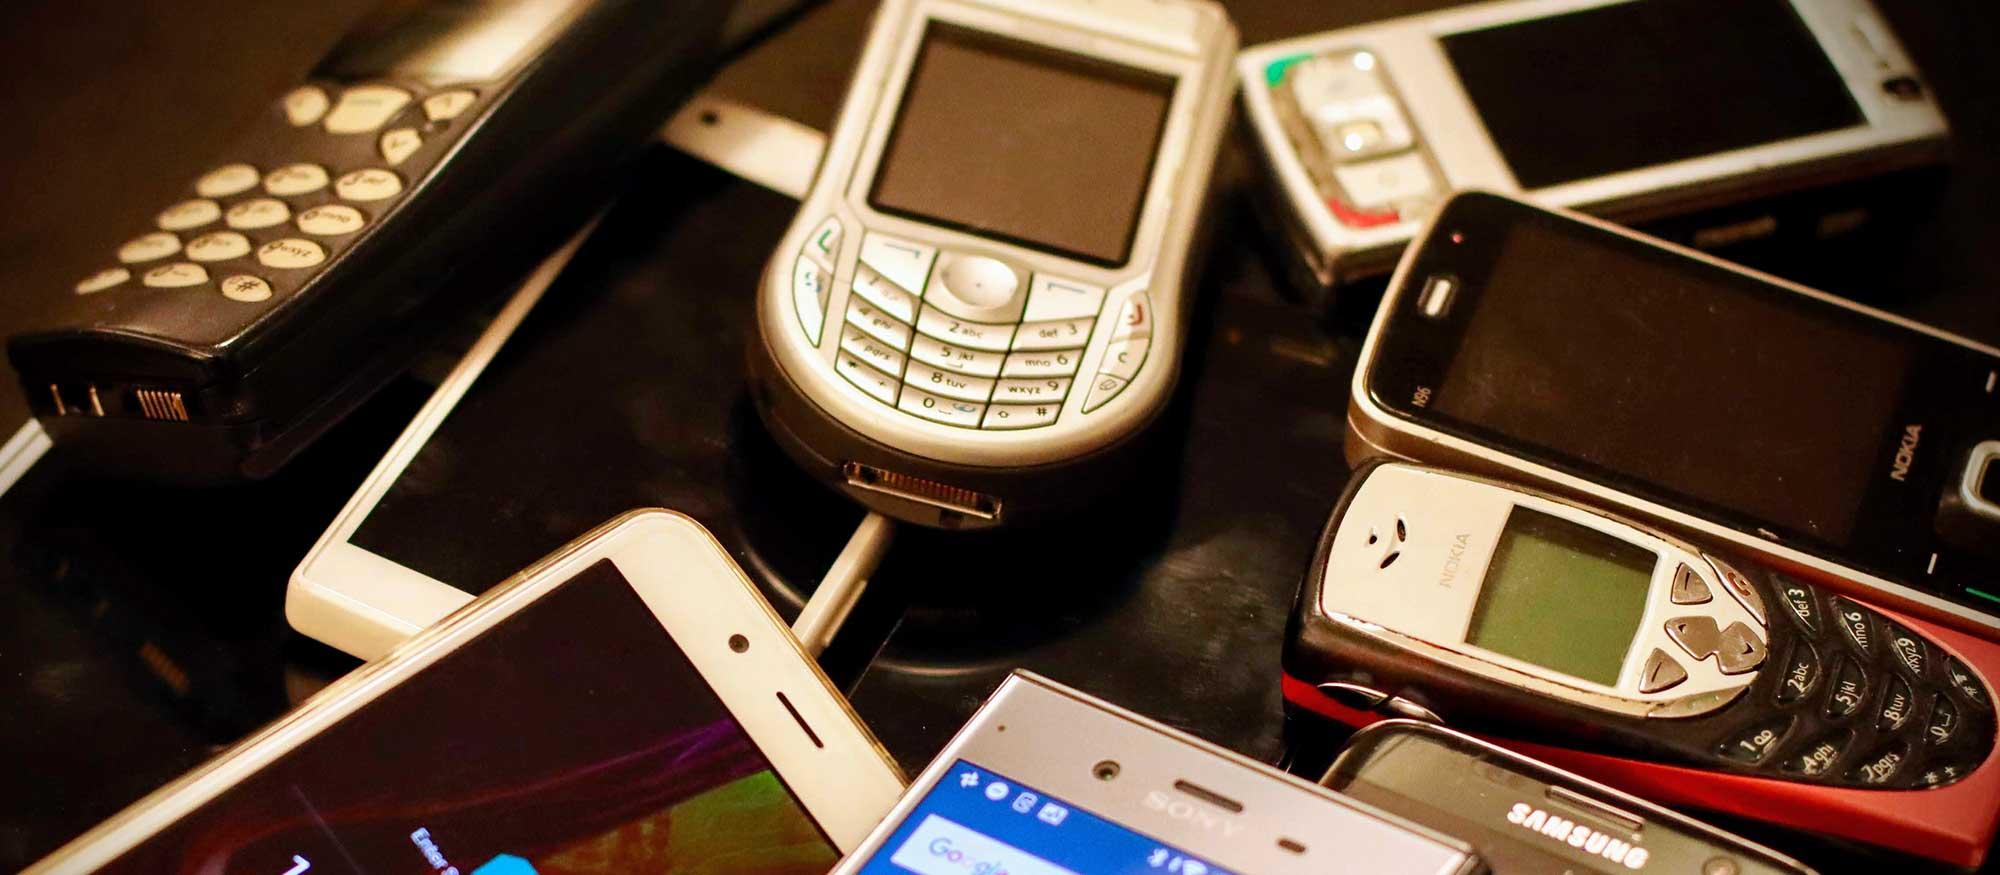 5 curiositats sobre els telèfons mòbils i smartphones